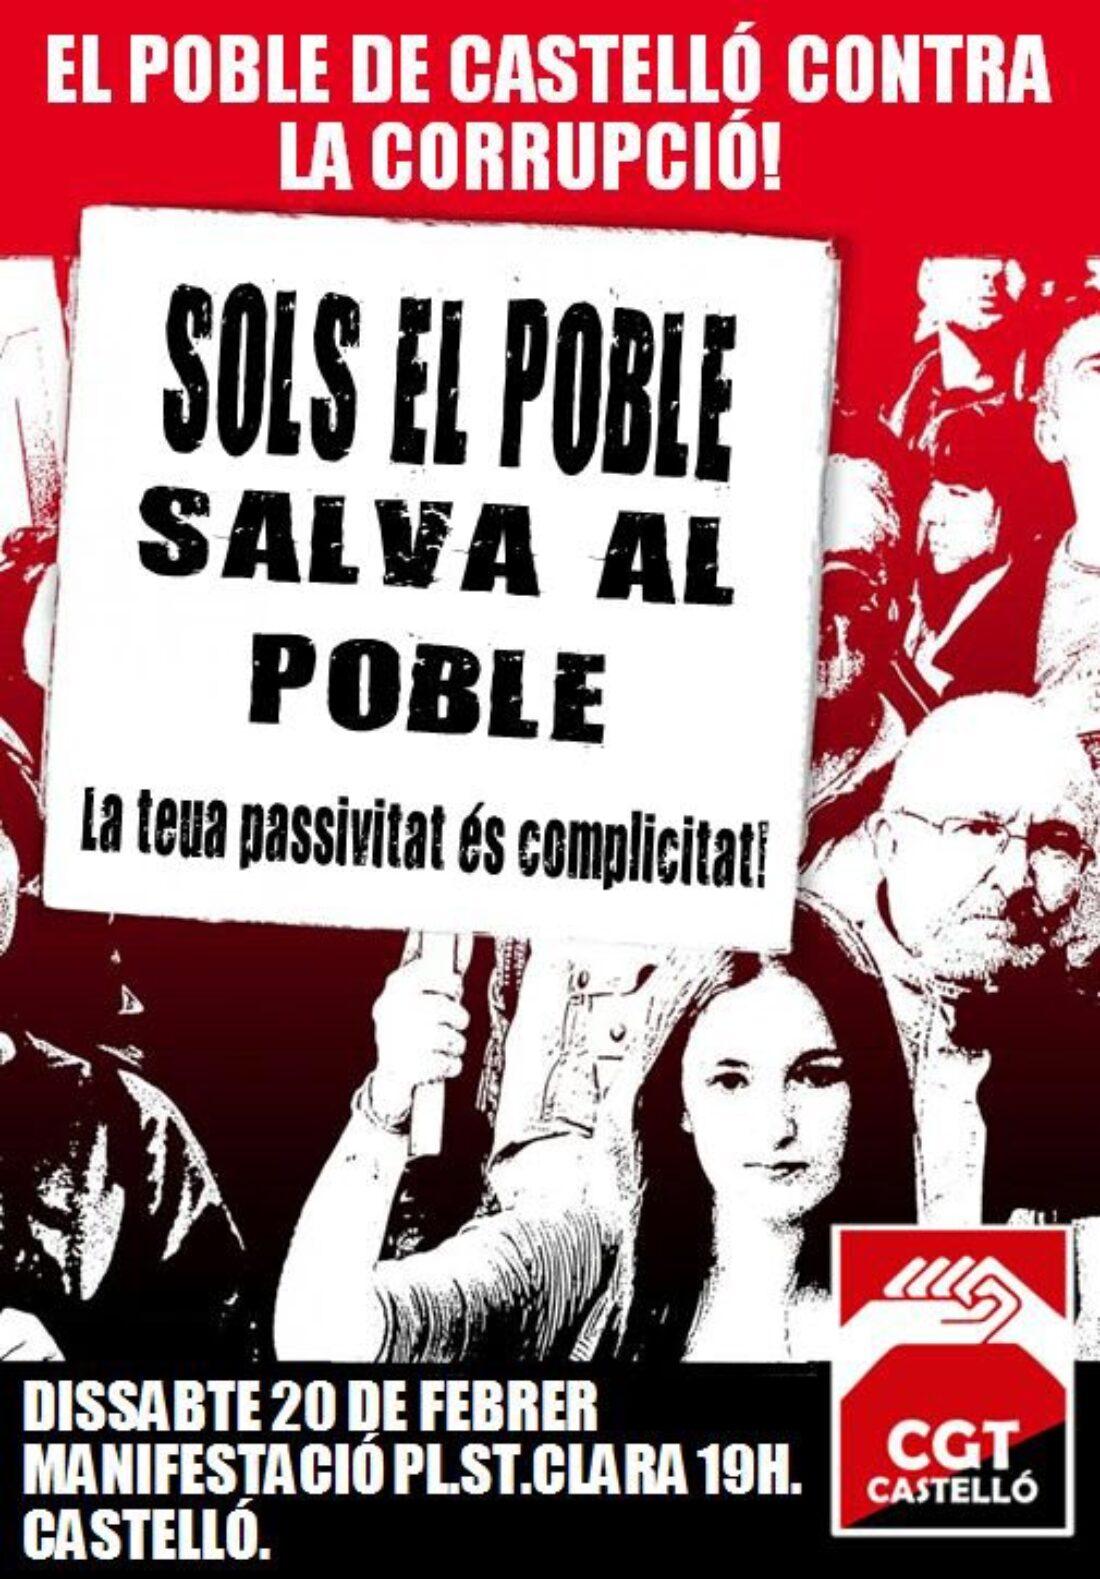 20-f Castelló: Manifestación. ¡El pueblo de Castelló contra la corrupción!